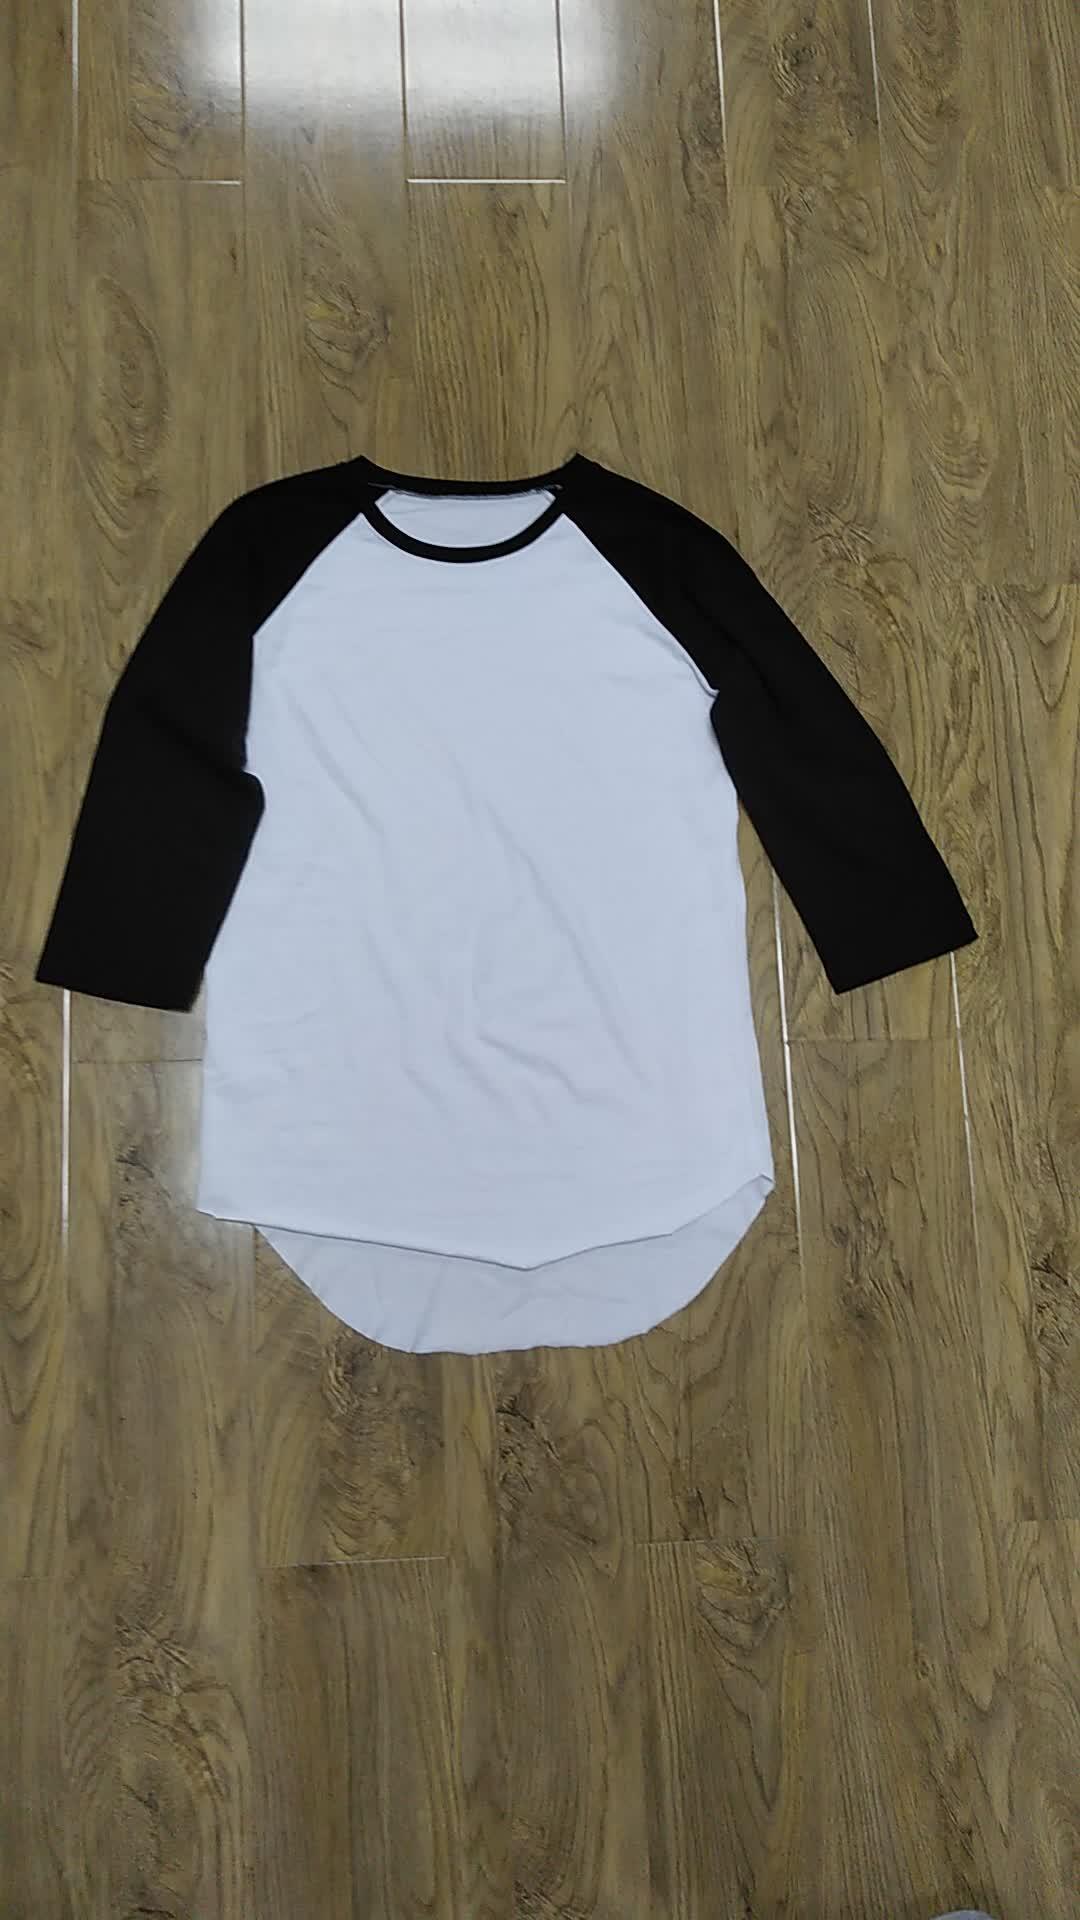 OEM BaseBall Tee Shirts Raglan Jersey 3/4 Mouw Effen Tee mannen T-shirt